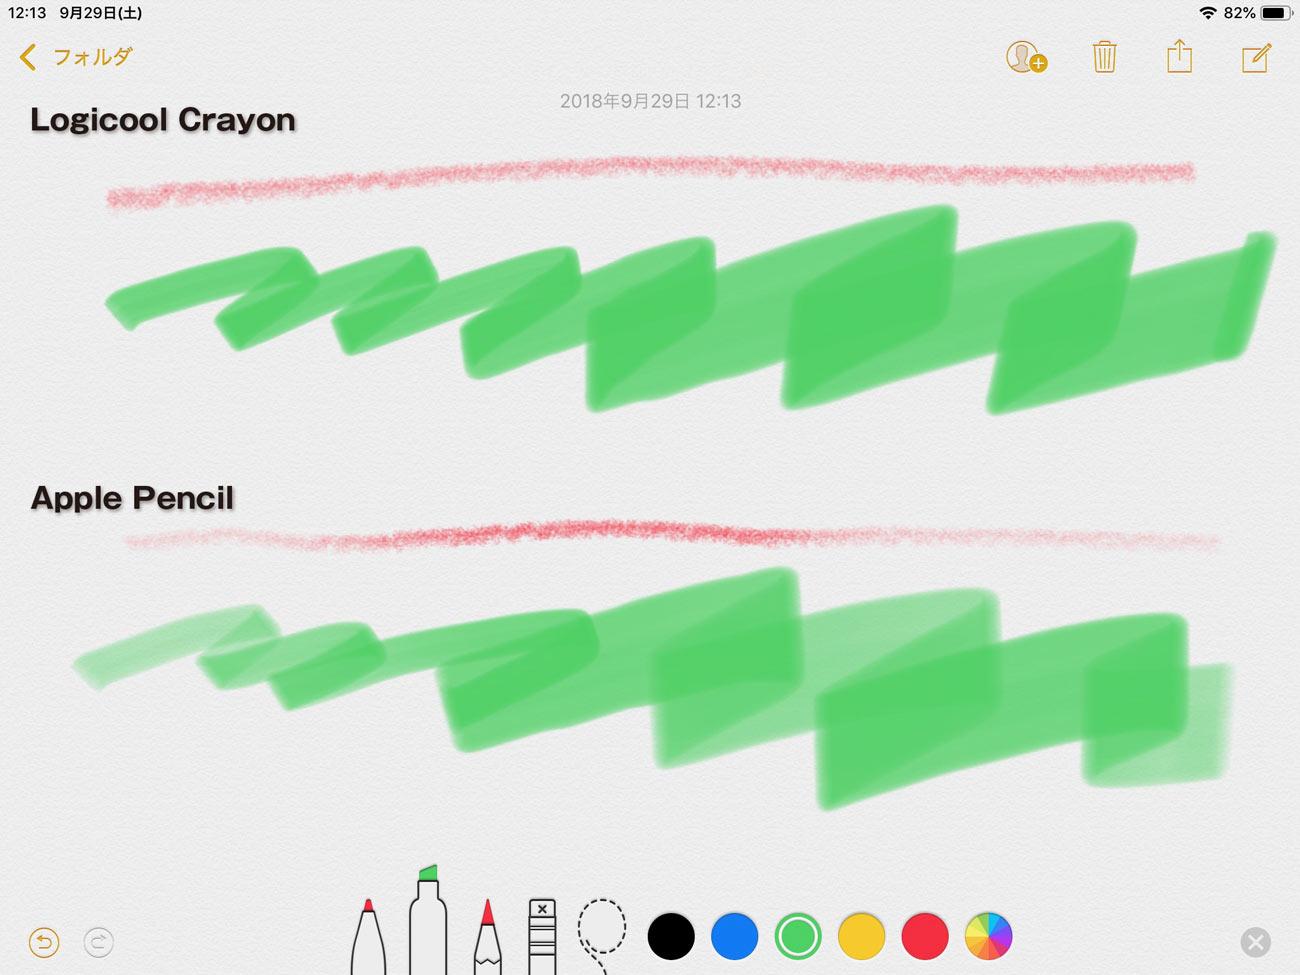 ロジクールクレヨンとApple Pencilの筆圧の違い